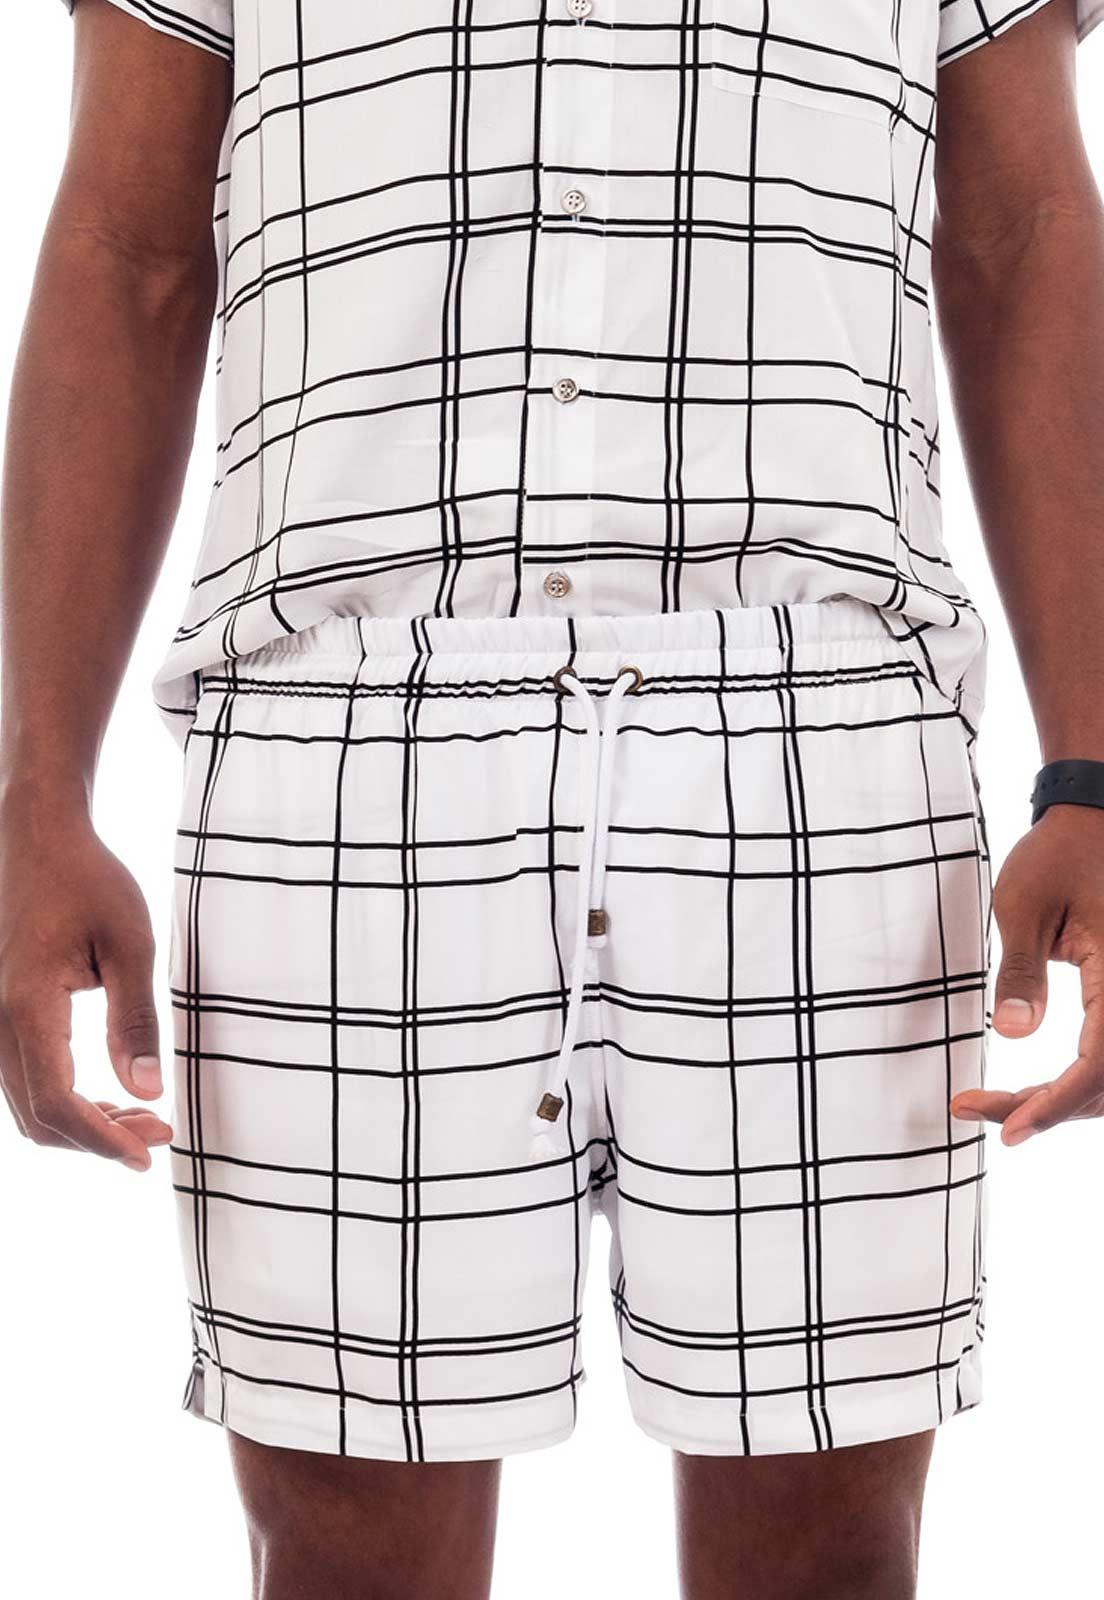 Shorts Listrado Estampado Minimalismo Listras Sem Gênero Branco